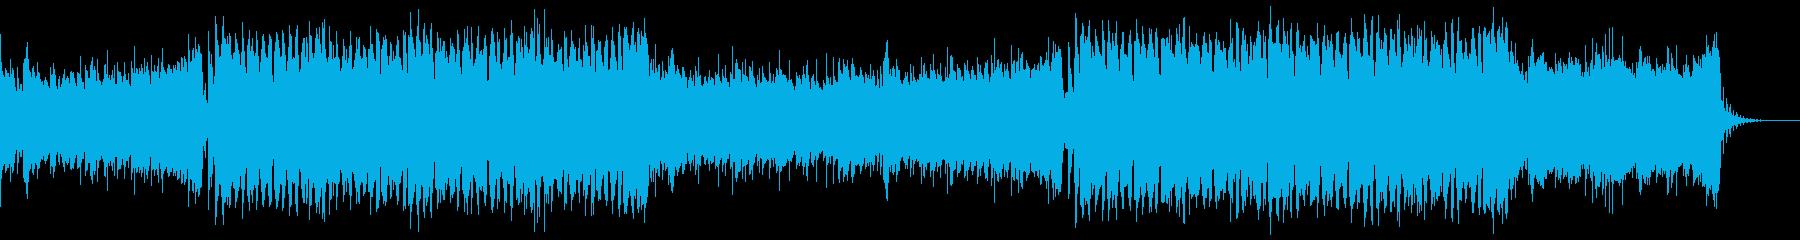 コールドプレイ風ダンスポップ女性ボーカルの再生済みの波形